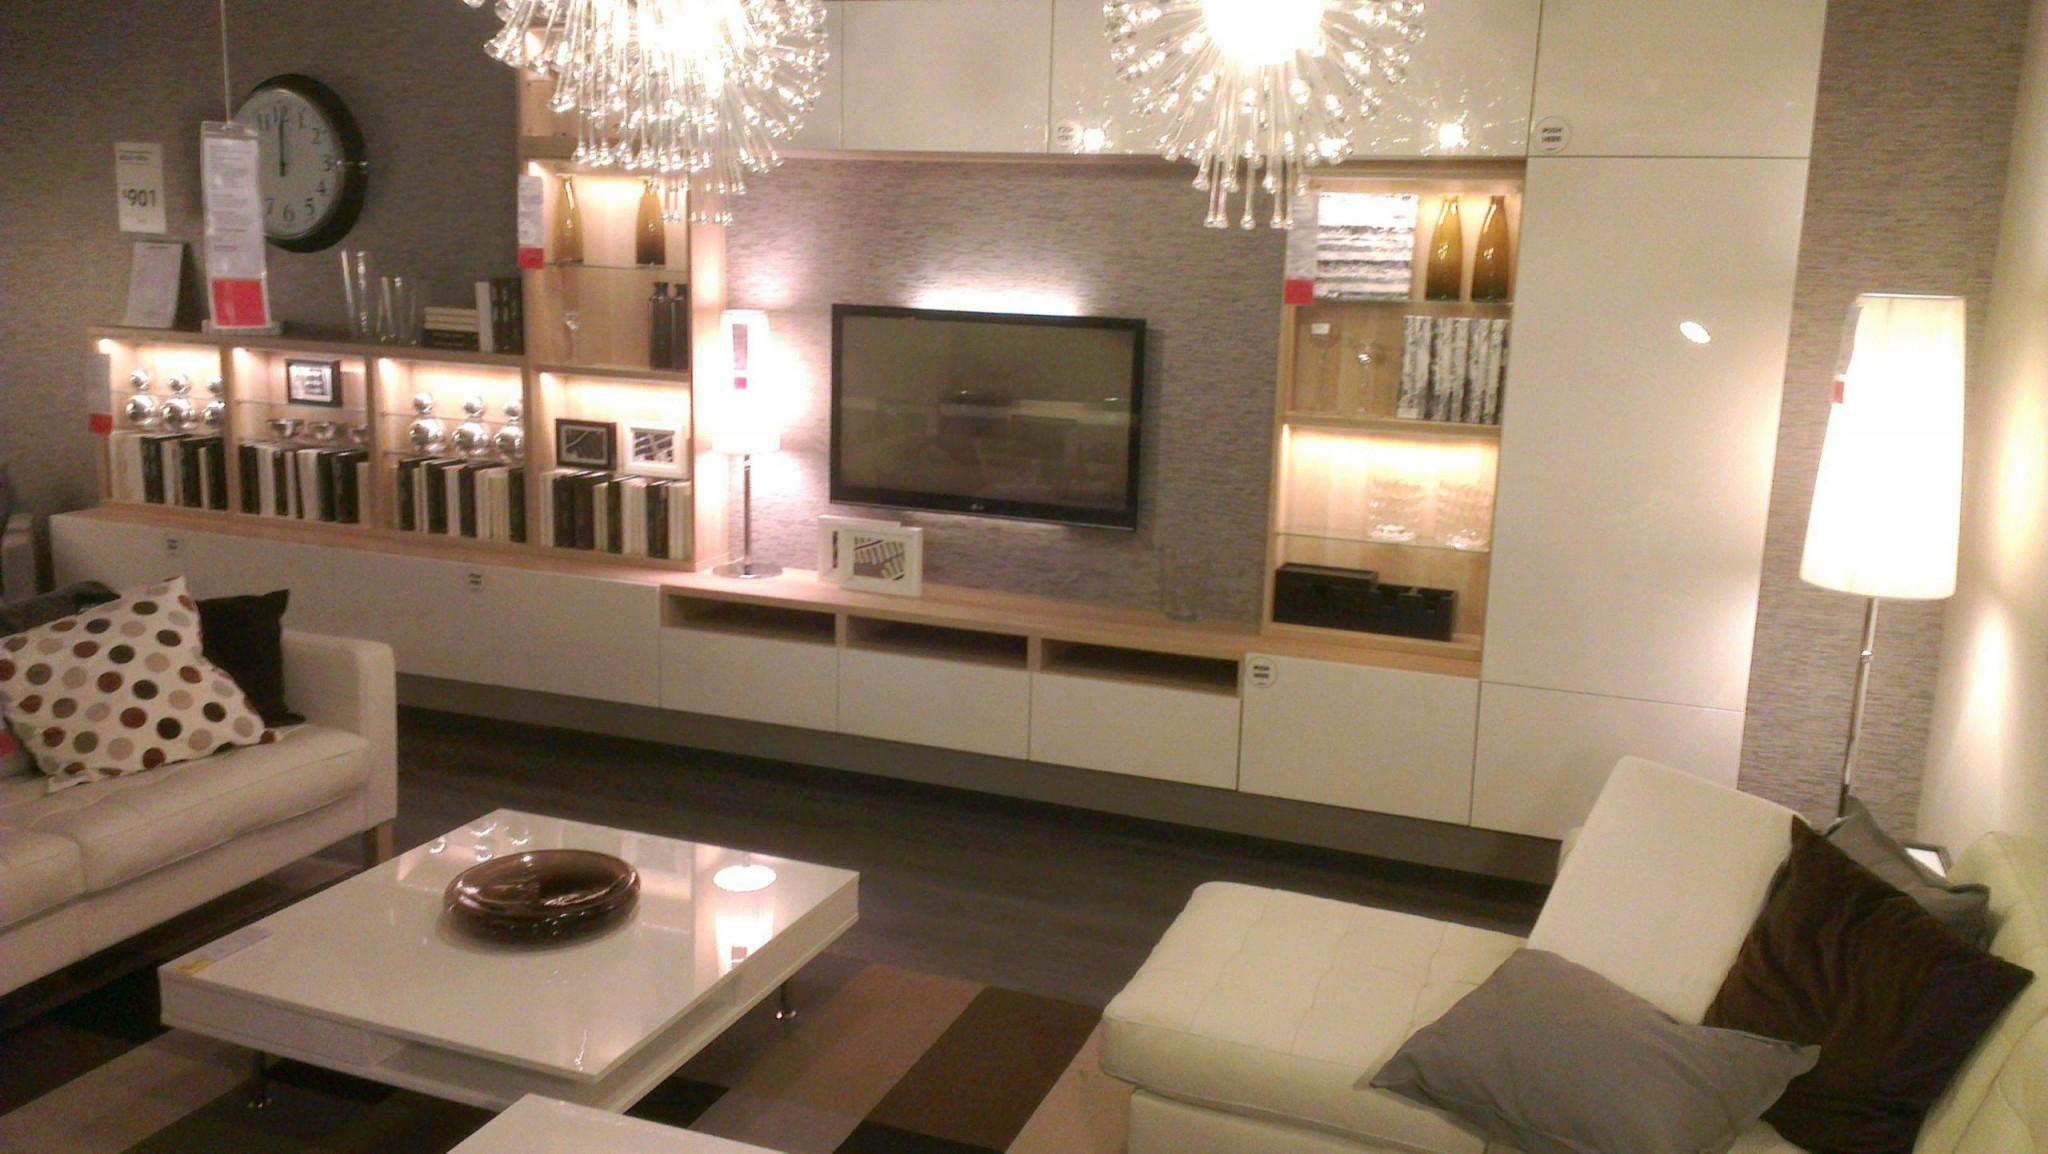 30 Elegant Ikea Besta Wohnzimmer Ideen Elegant  Wohnzimmer von Wohnzimmer Besta Ideen Bild